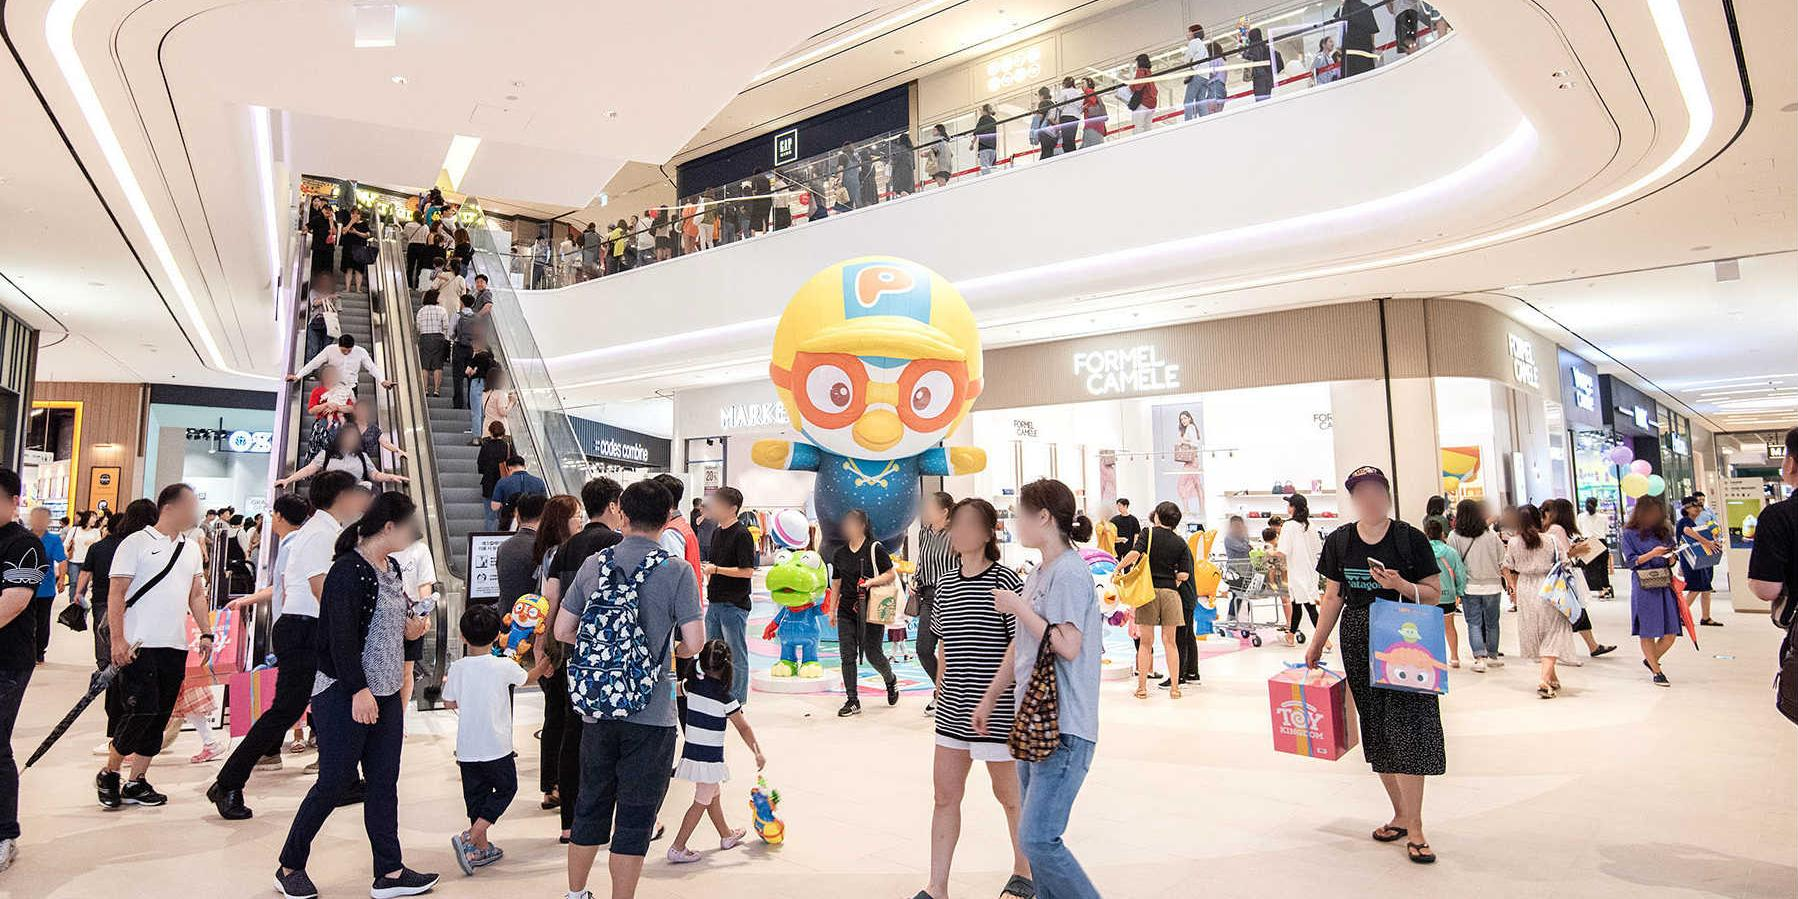 롯데 신세계, '몰링족' 잡기 위해 쇼핑몰의 문화와 놀이 콘텐츠 공들여